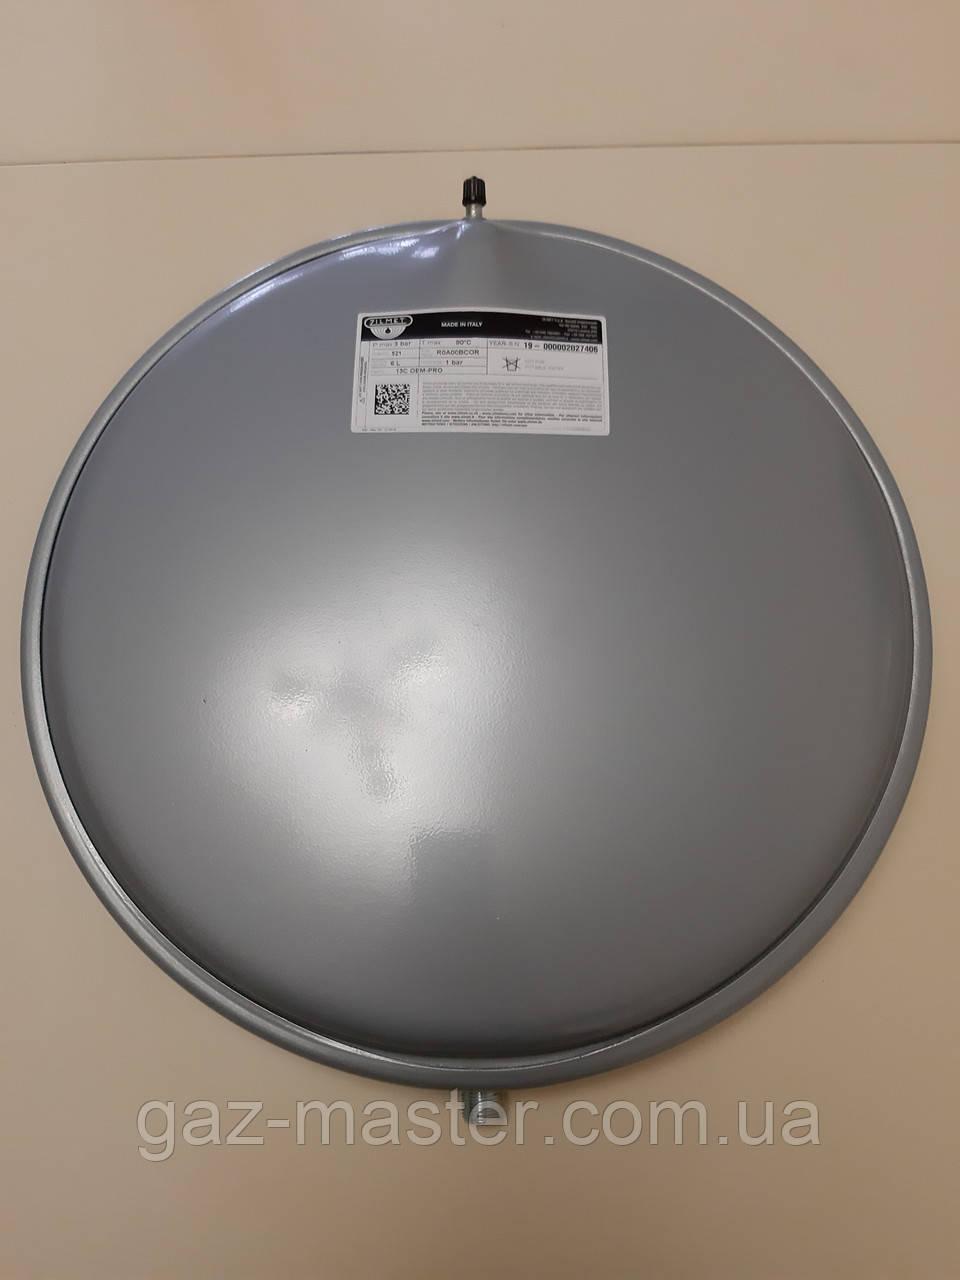 """Бак расширительный Zilmet Объем 6 литров 3/8""""G D392 H=61 мм 3 bar 90°C"""